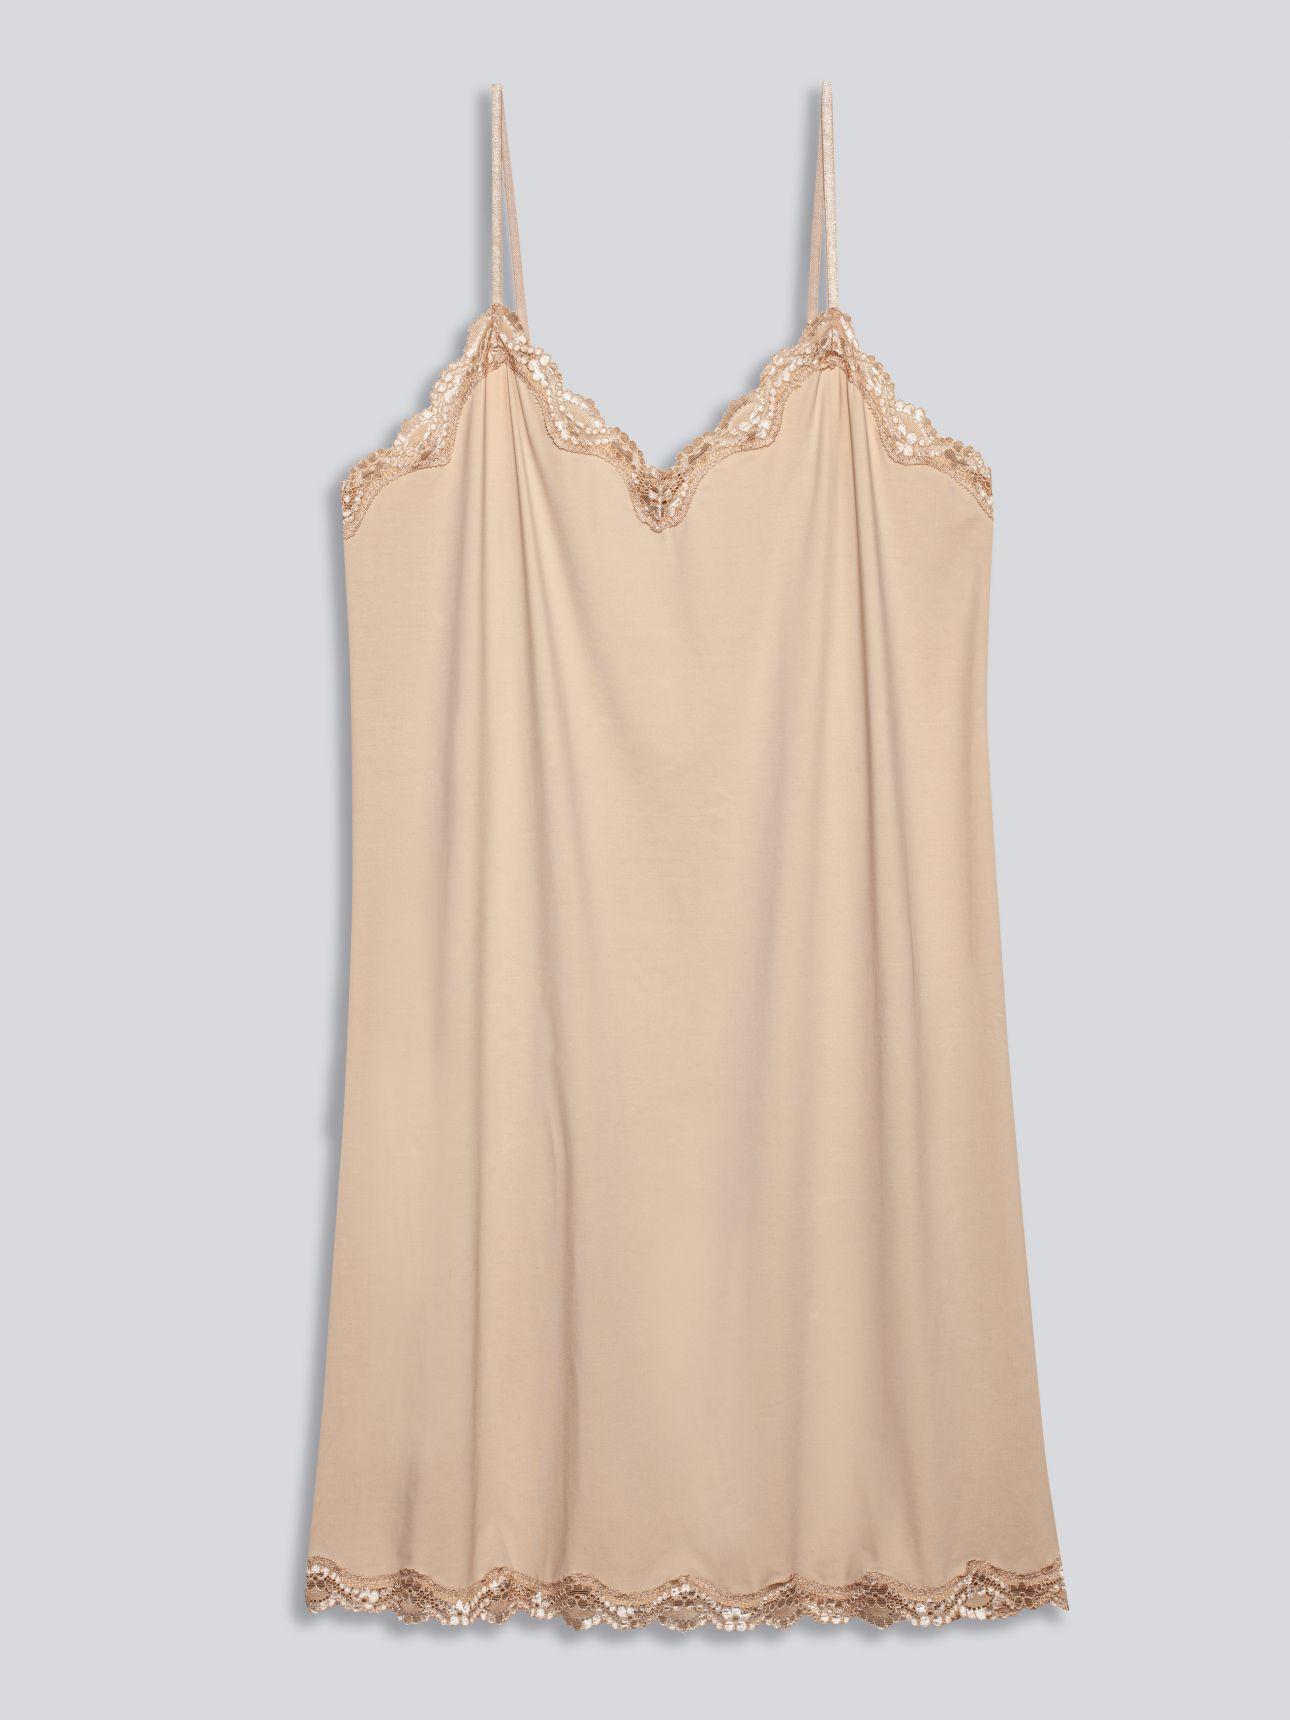 שמלת מיקרו תחרה SECOUND SKIN בצבע צבע טבעי